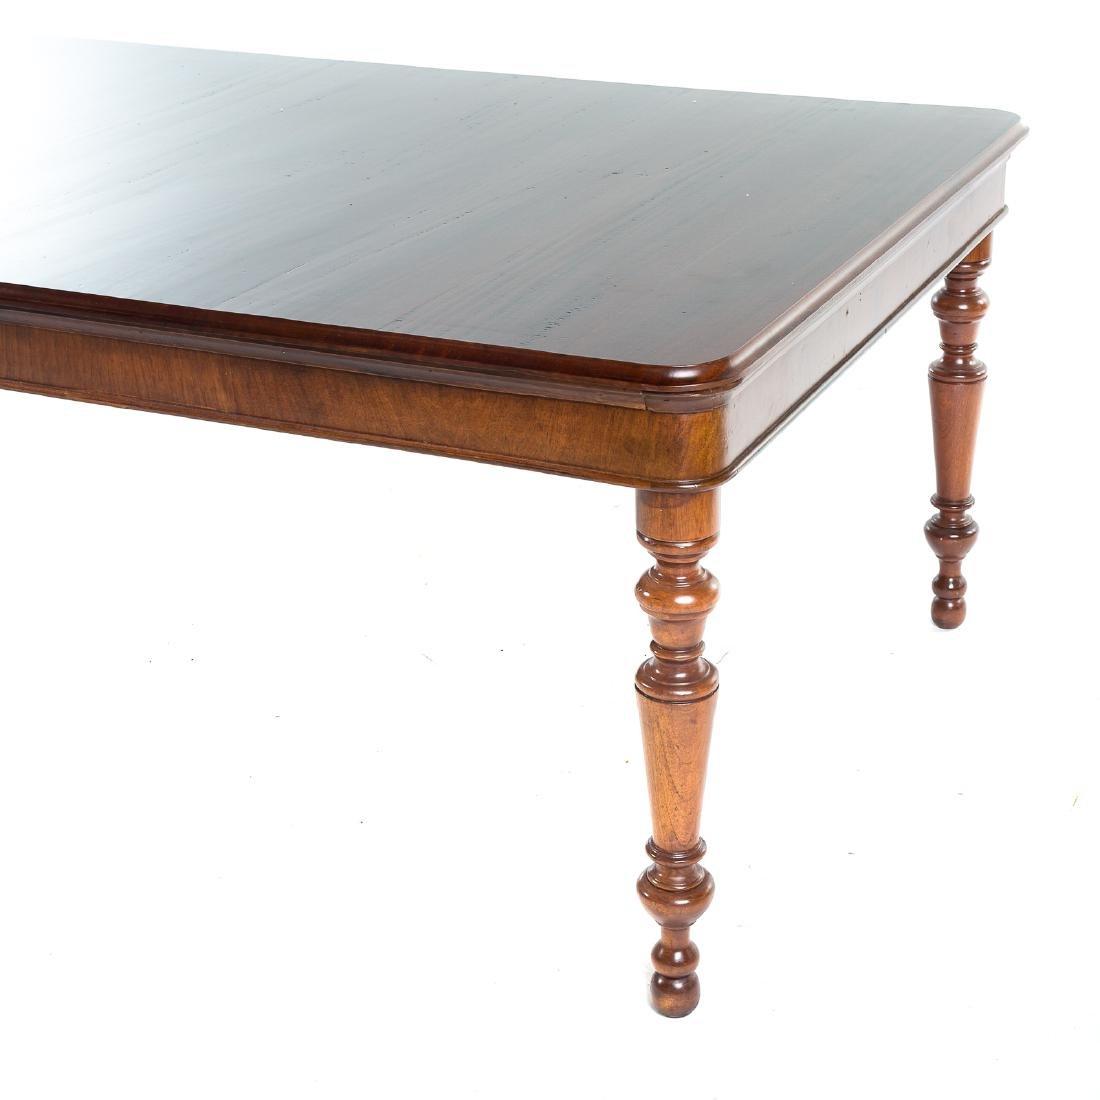 Cabinet made mahogany harvest table - 3